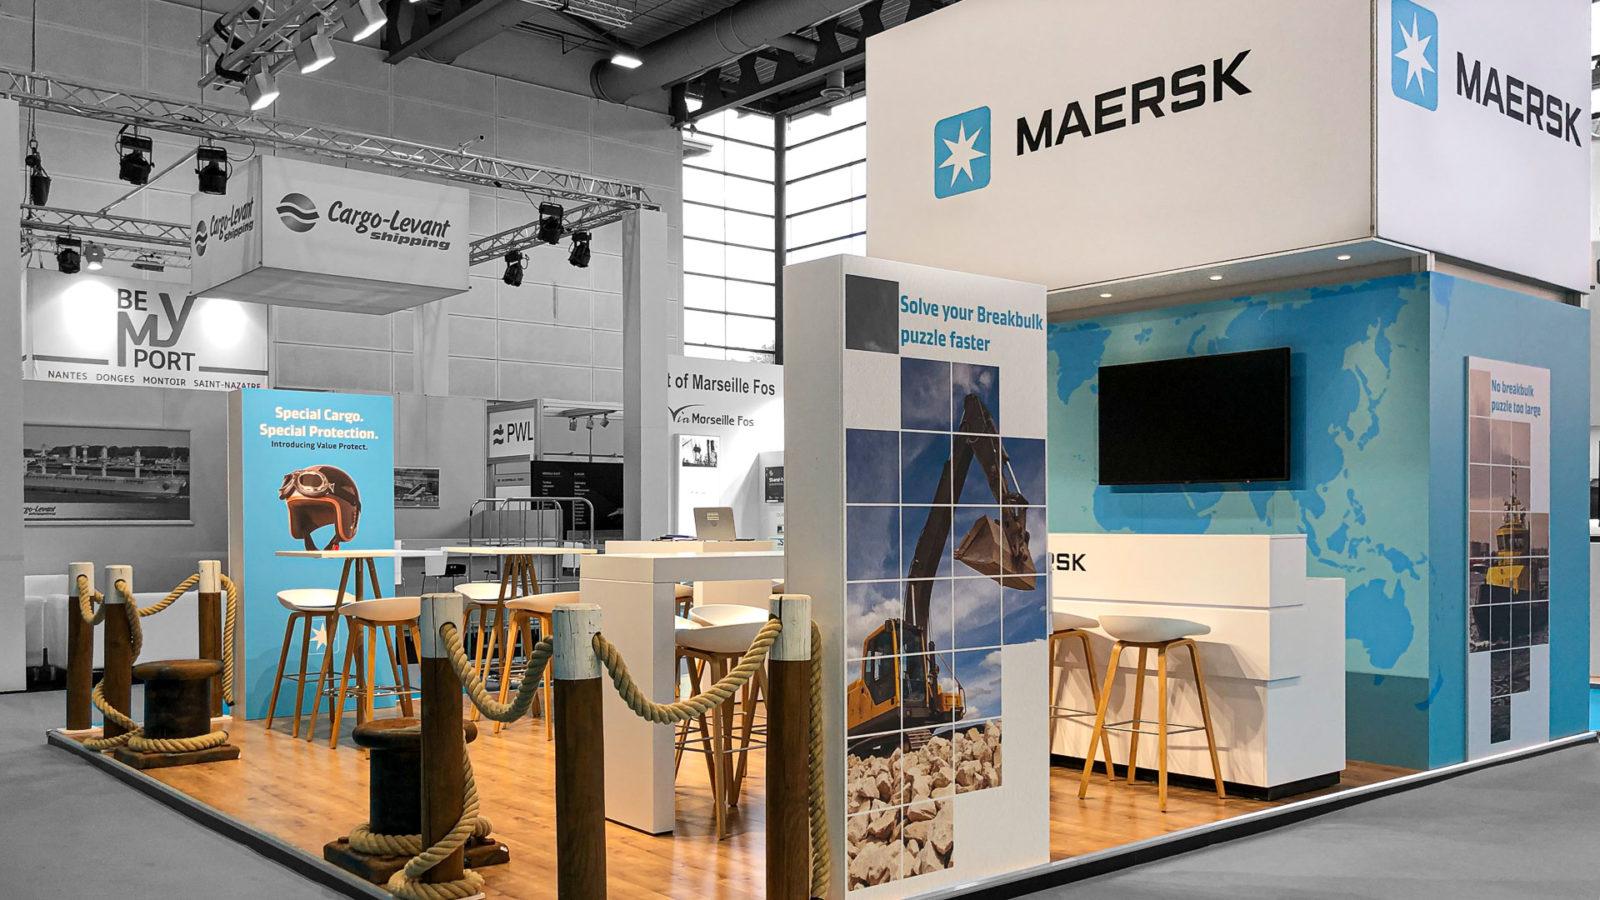 Preuss Messe Maersk Breakbulk19 3